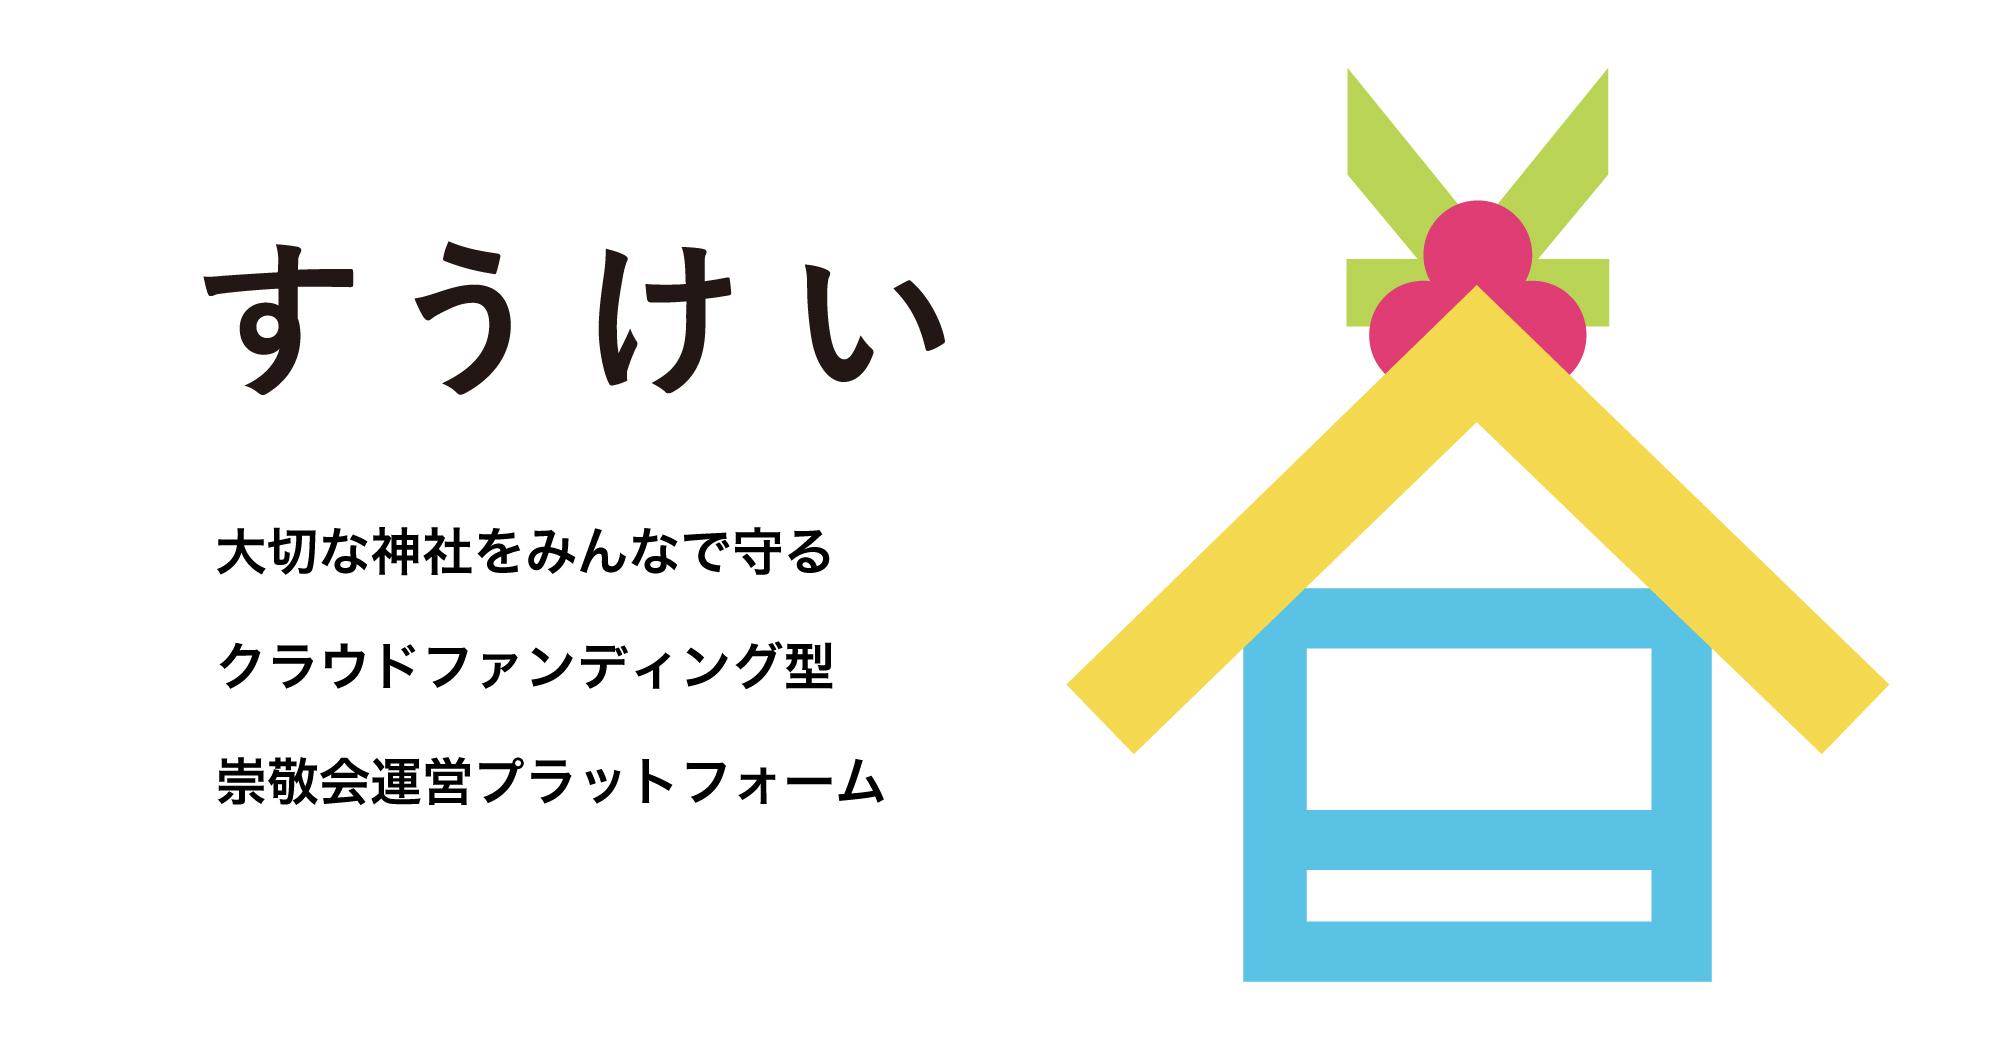 【 みんなの神社を救え!】神社のためのクラウドファウンディング「すうけい」登場!